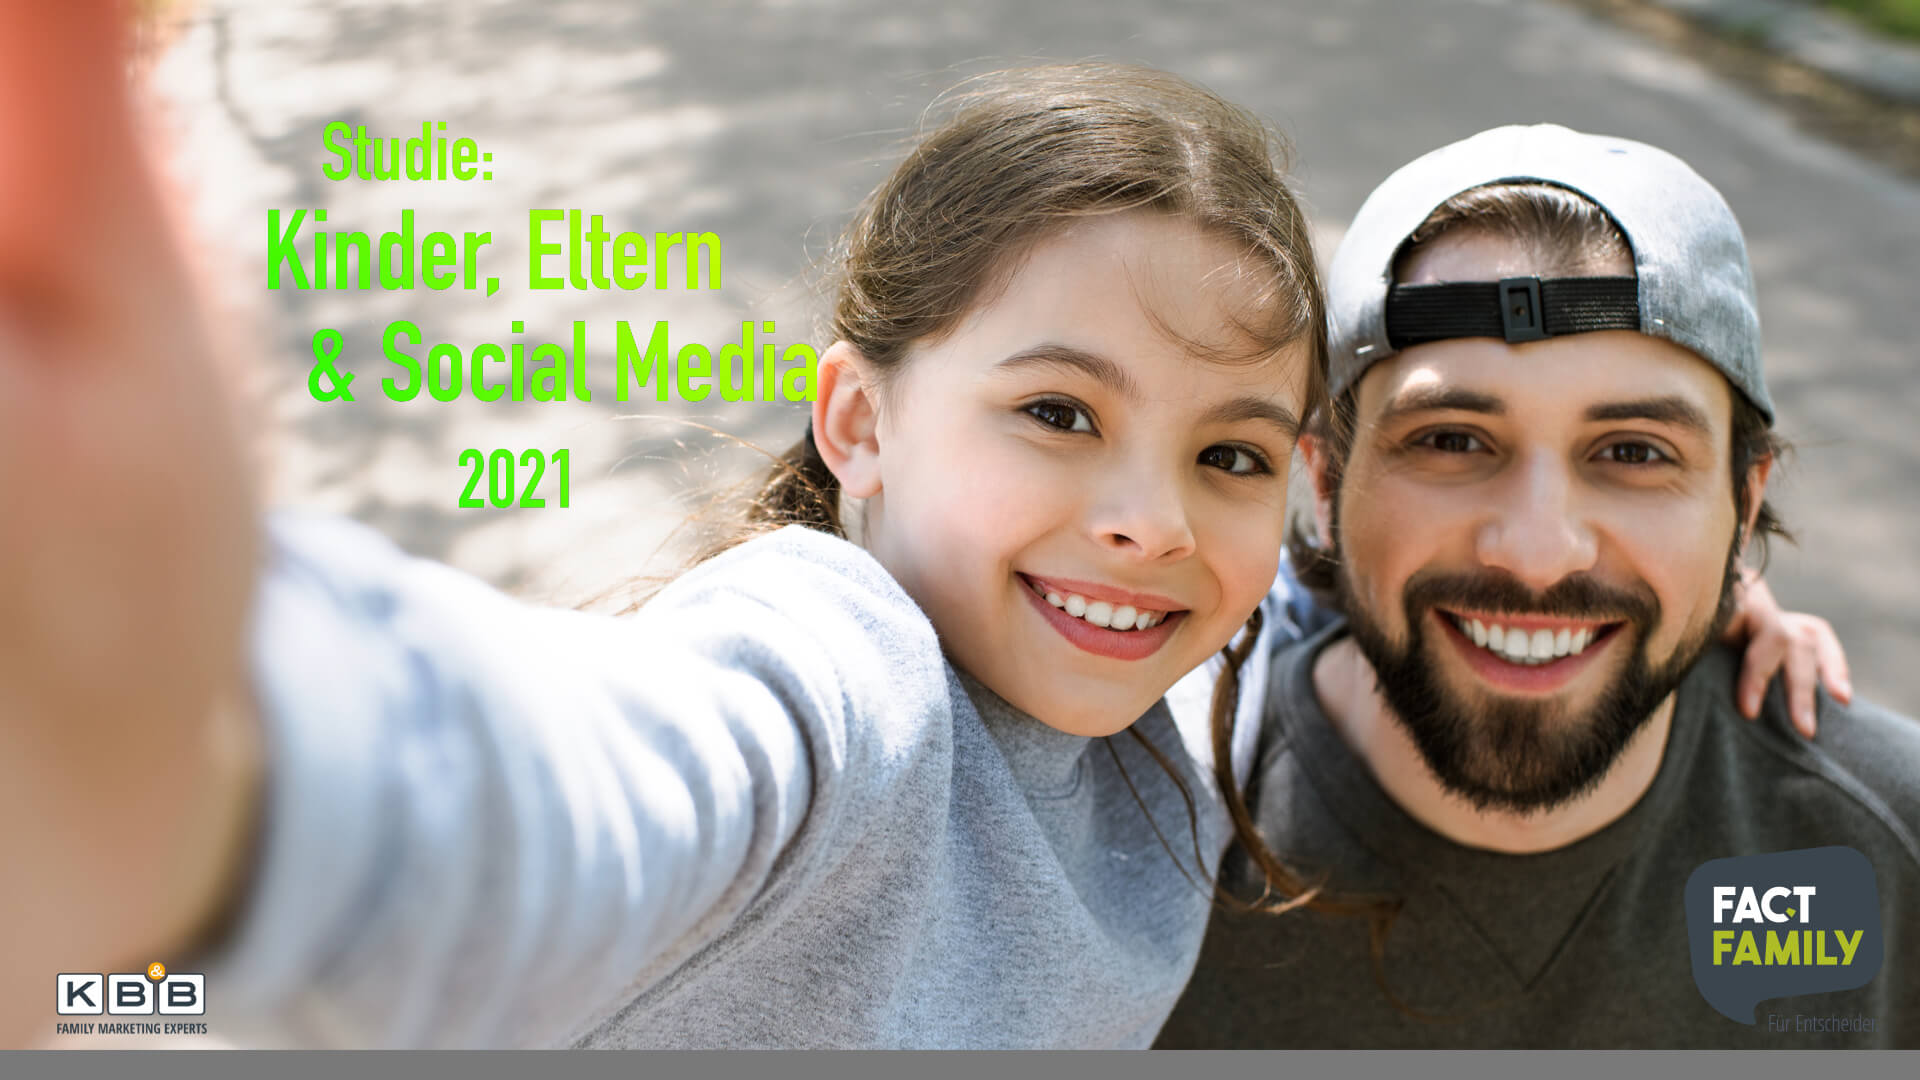 Studie: Kinder, Eltern & Social Media 2021